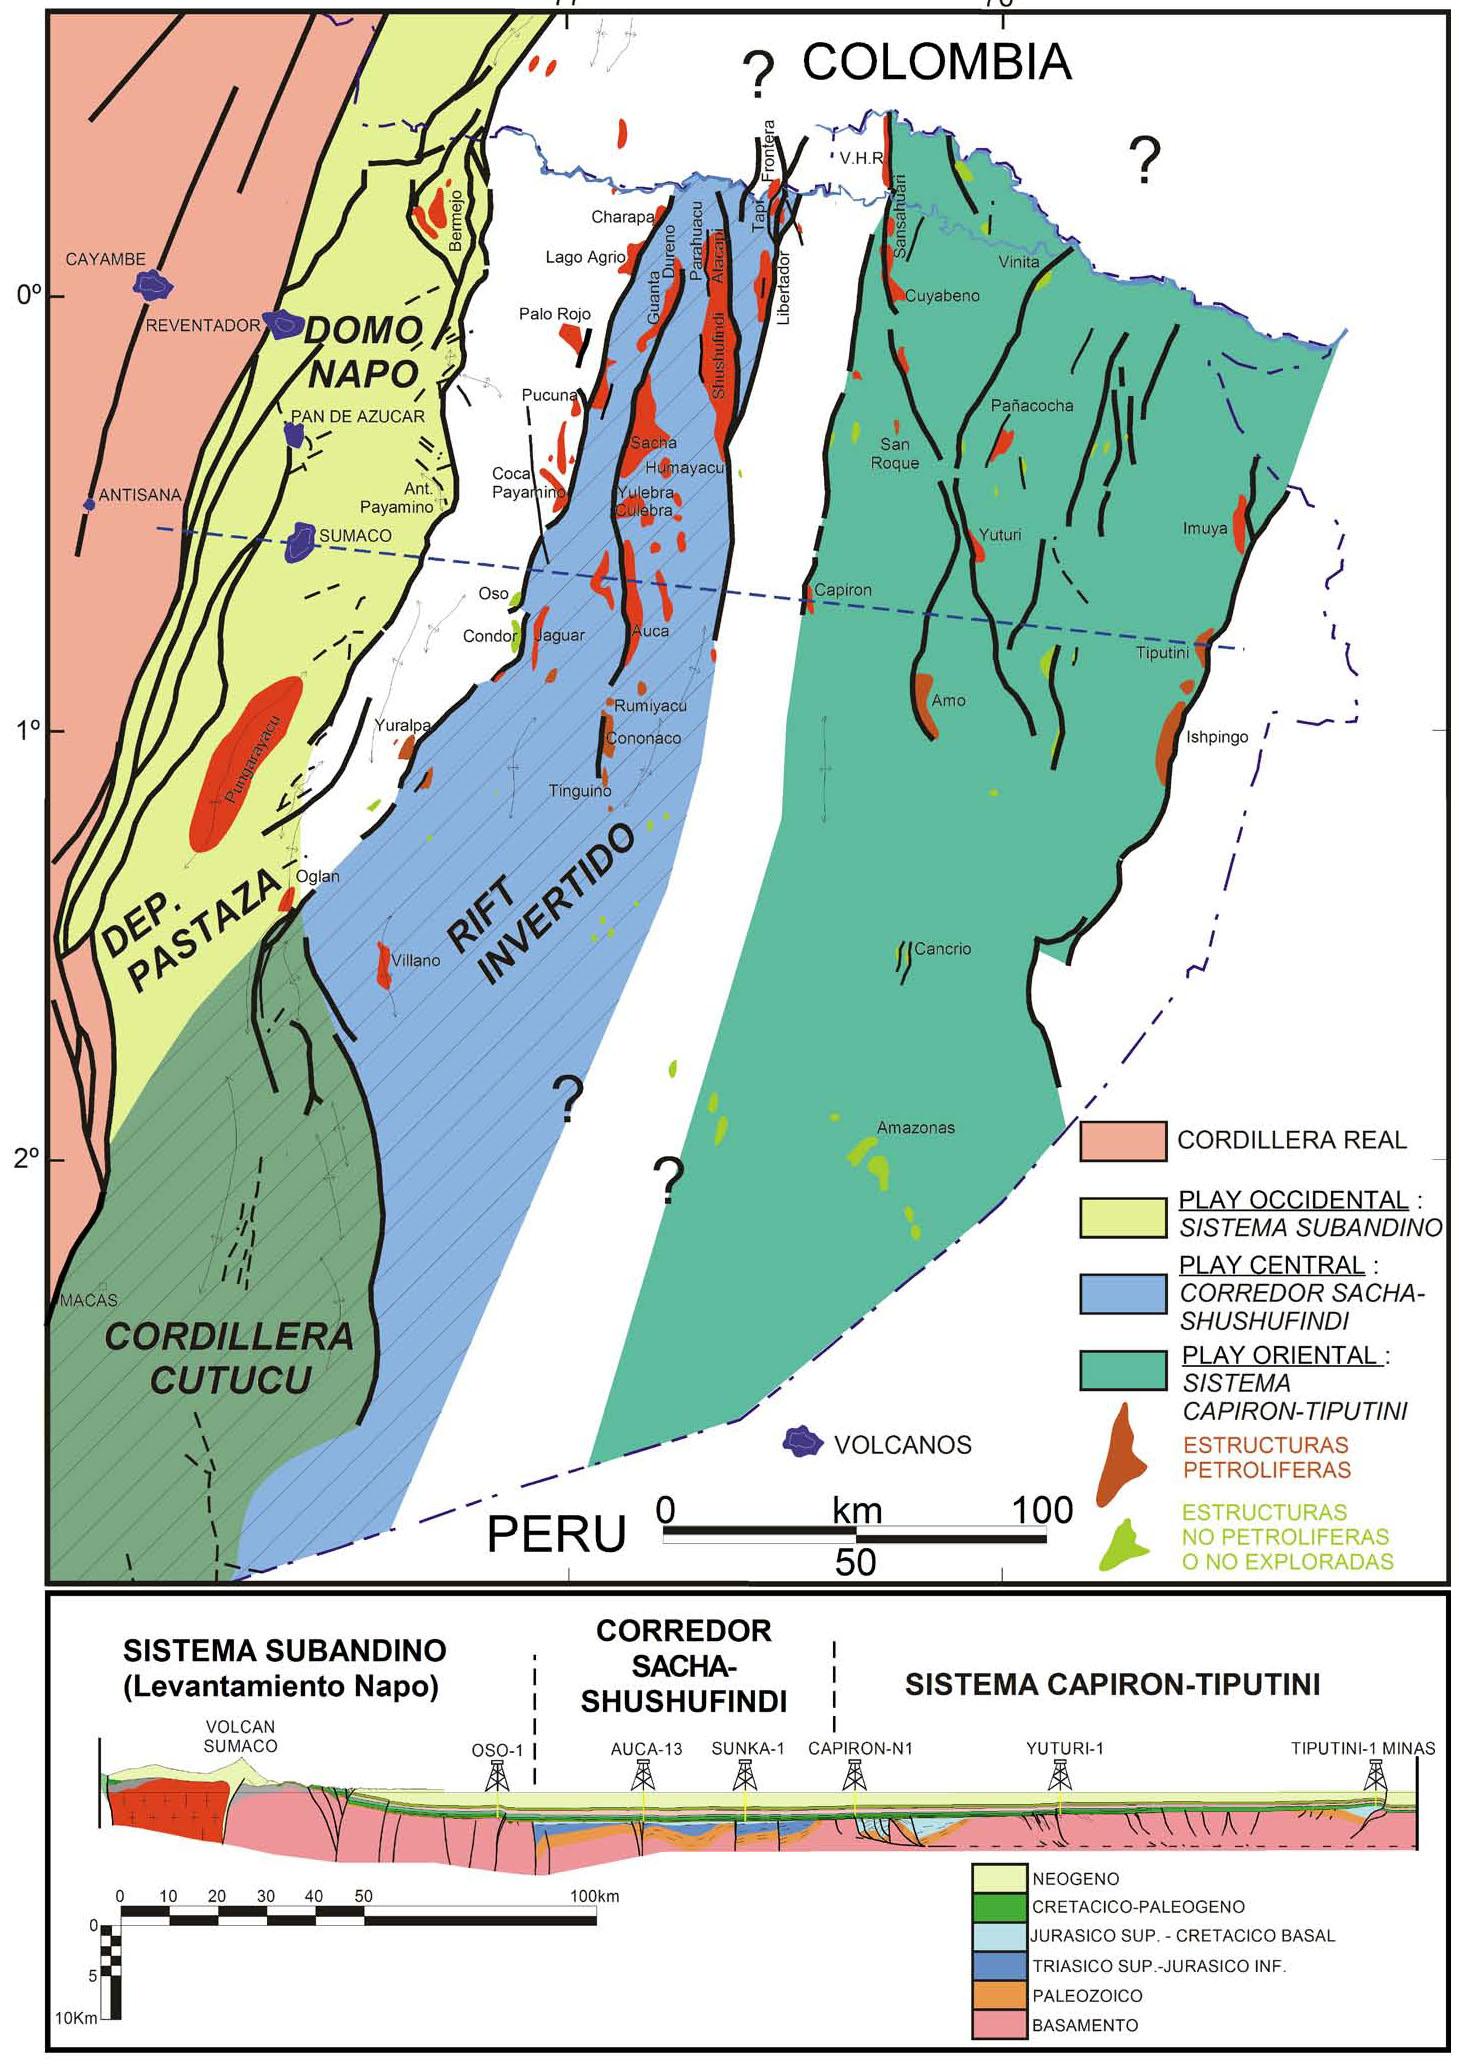 La Cuenca Oriente Geología Y Petróleo Introducción